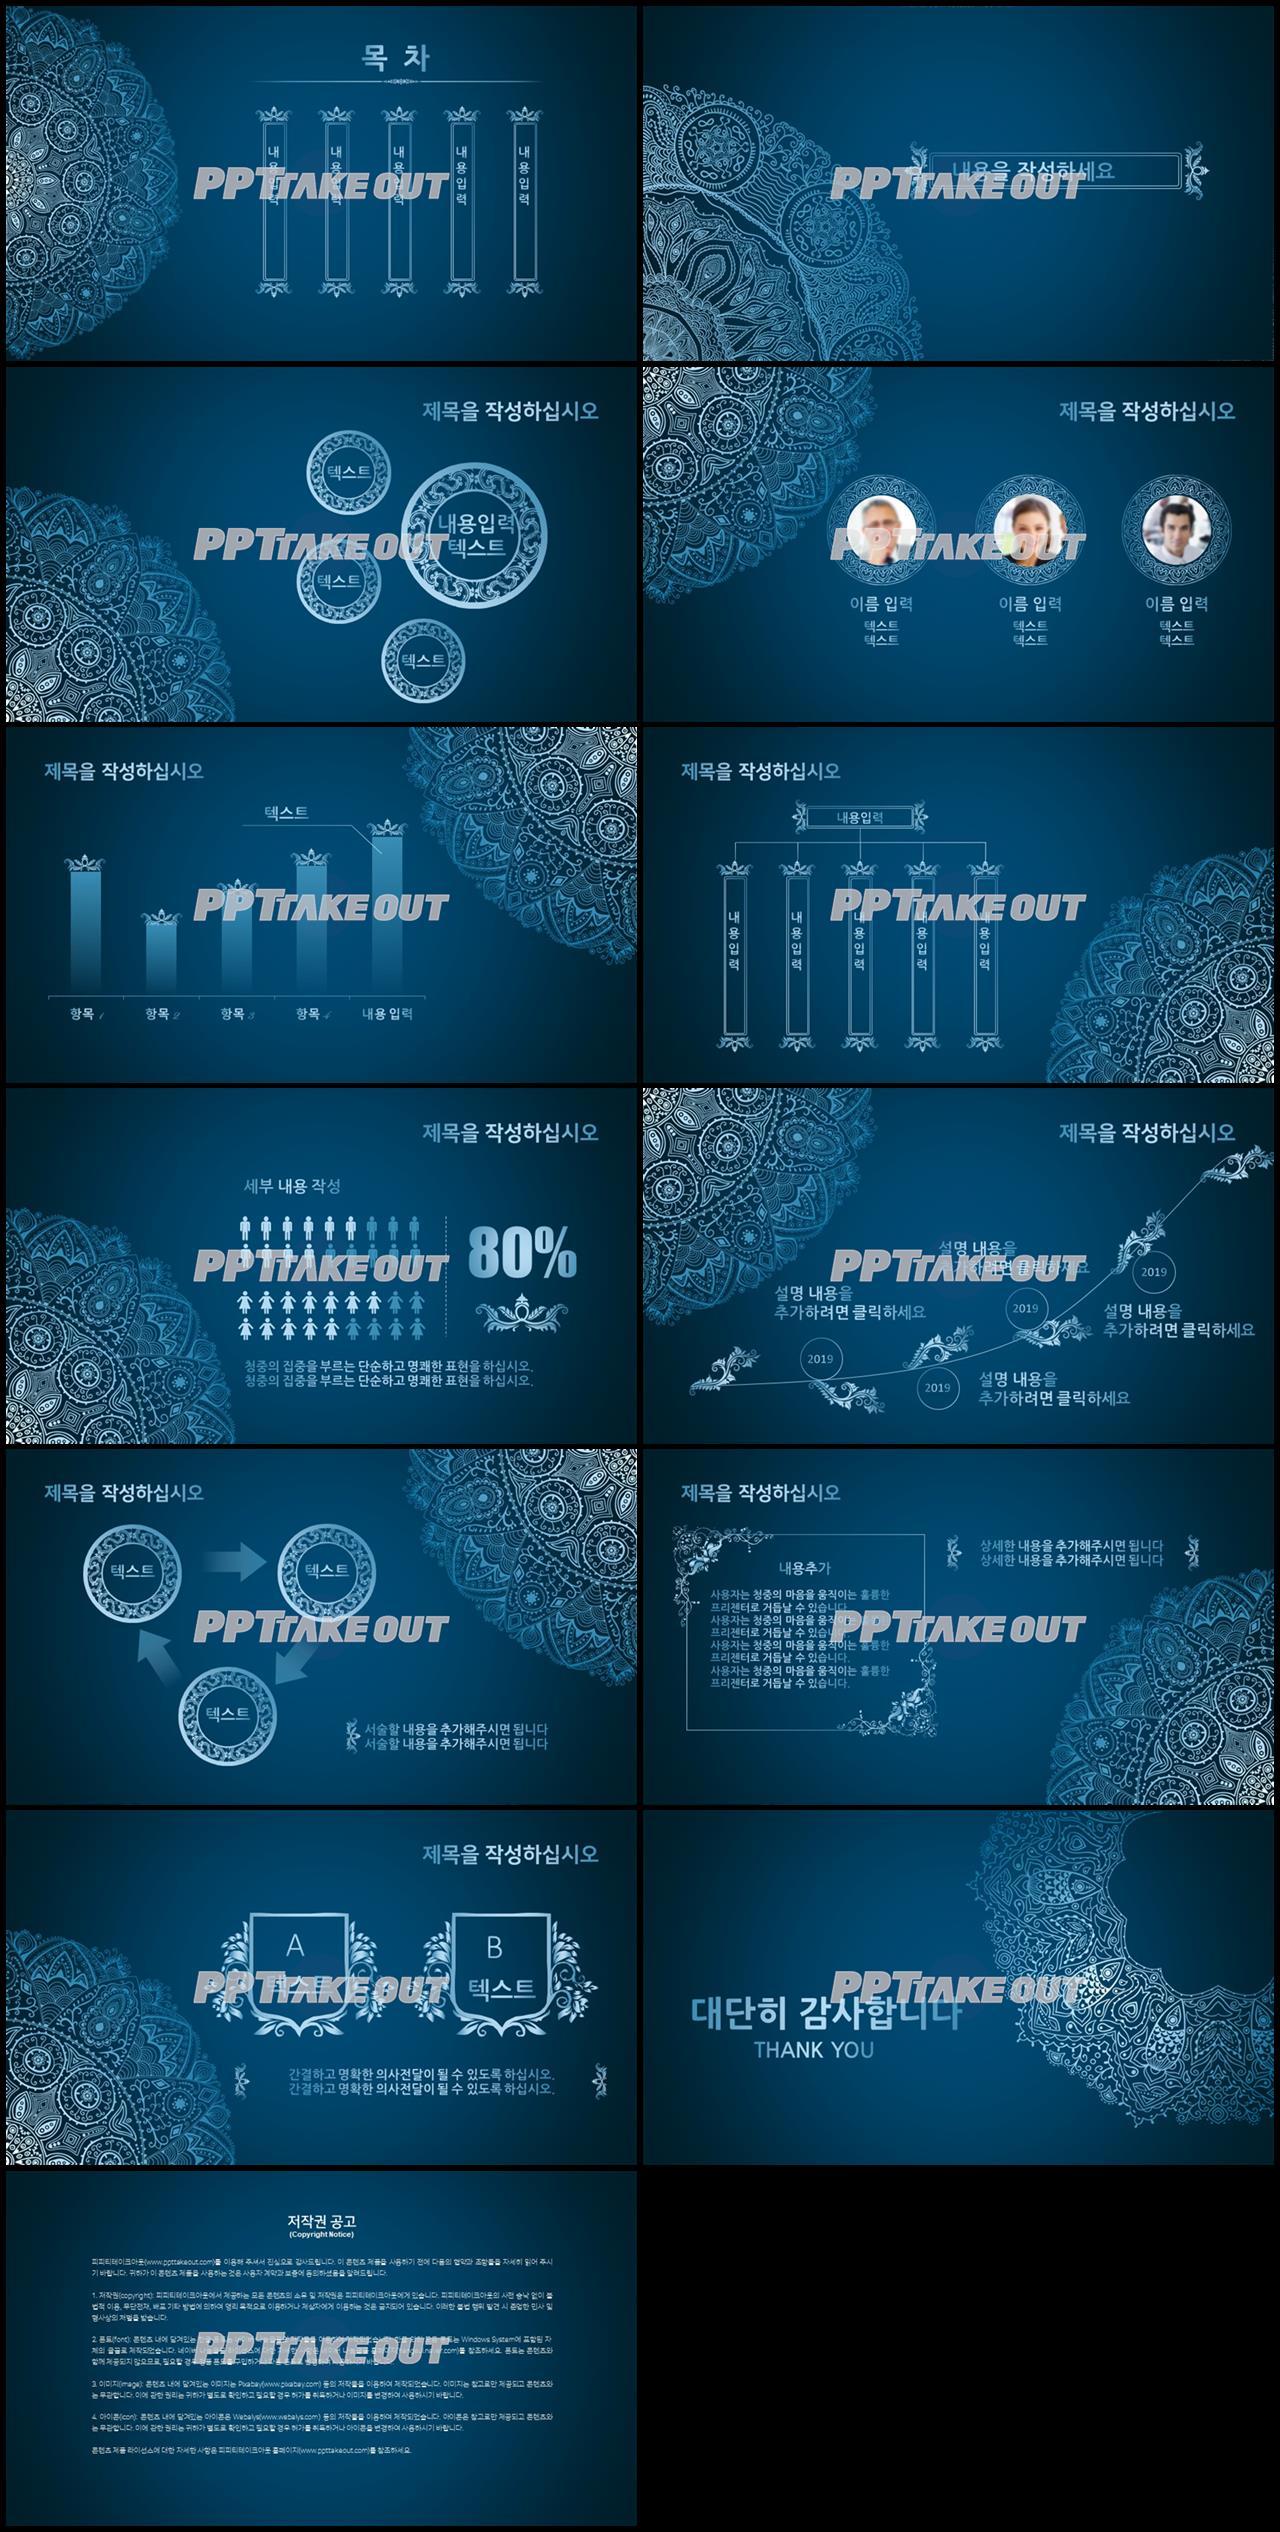 식물동물 블루 클래식한 매력적인 POWERPOINT탬플릿 제작 상세보기